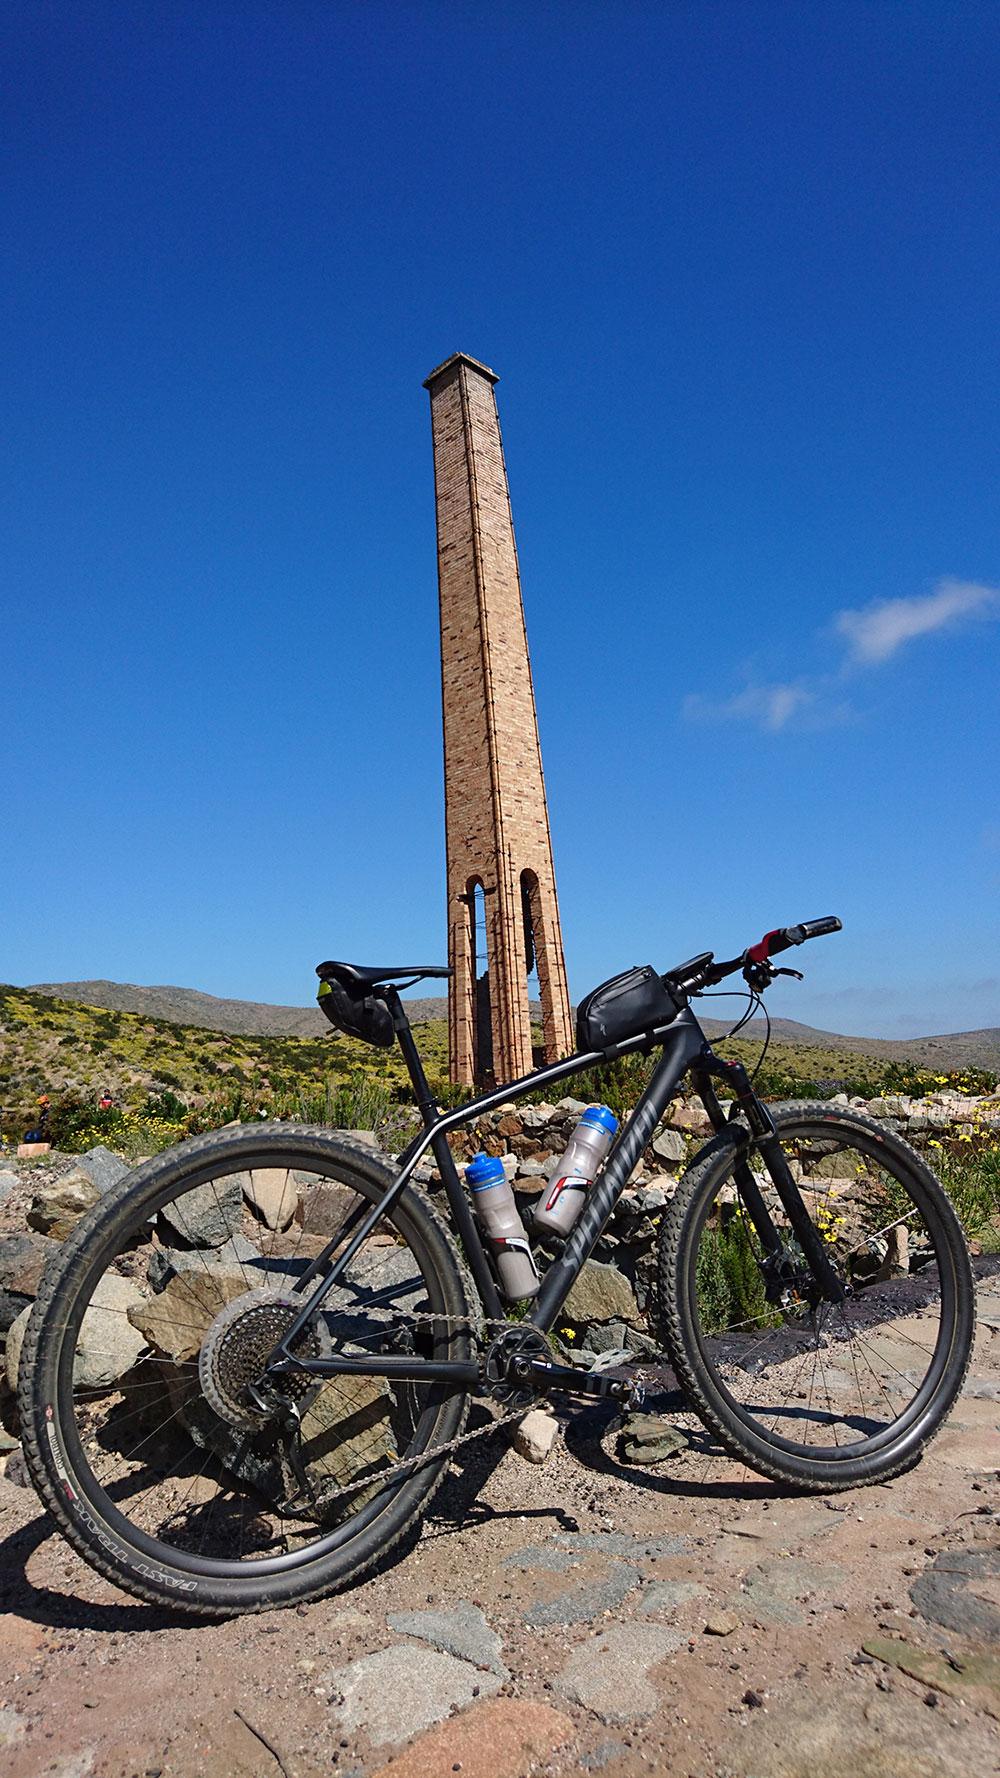 En TodoMountainBike: La foto del día en TodoMountainBike: 'Las Torres de Labrar'